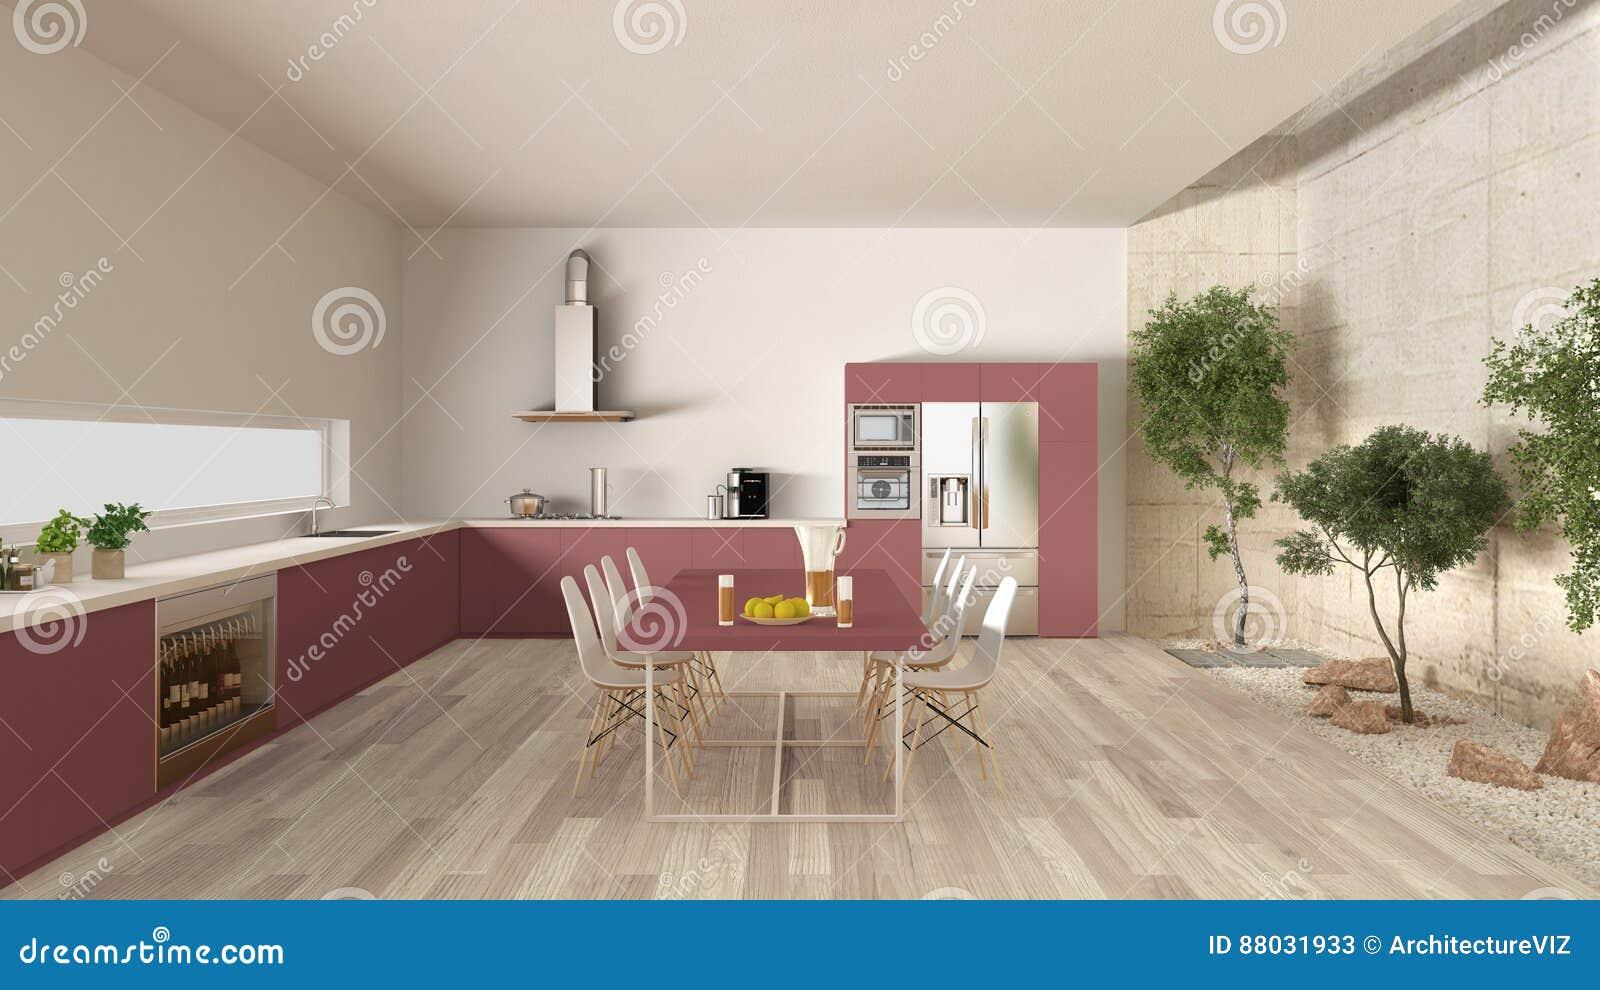 Cucina bianca e rossa con il giardino interno interior - Cucina in giardino ...